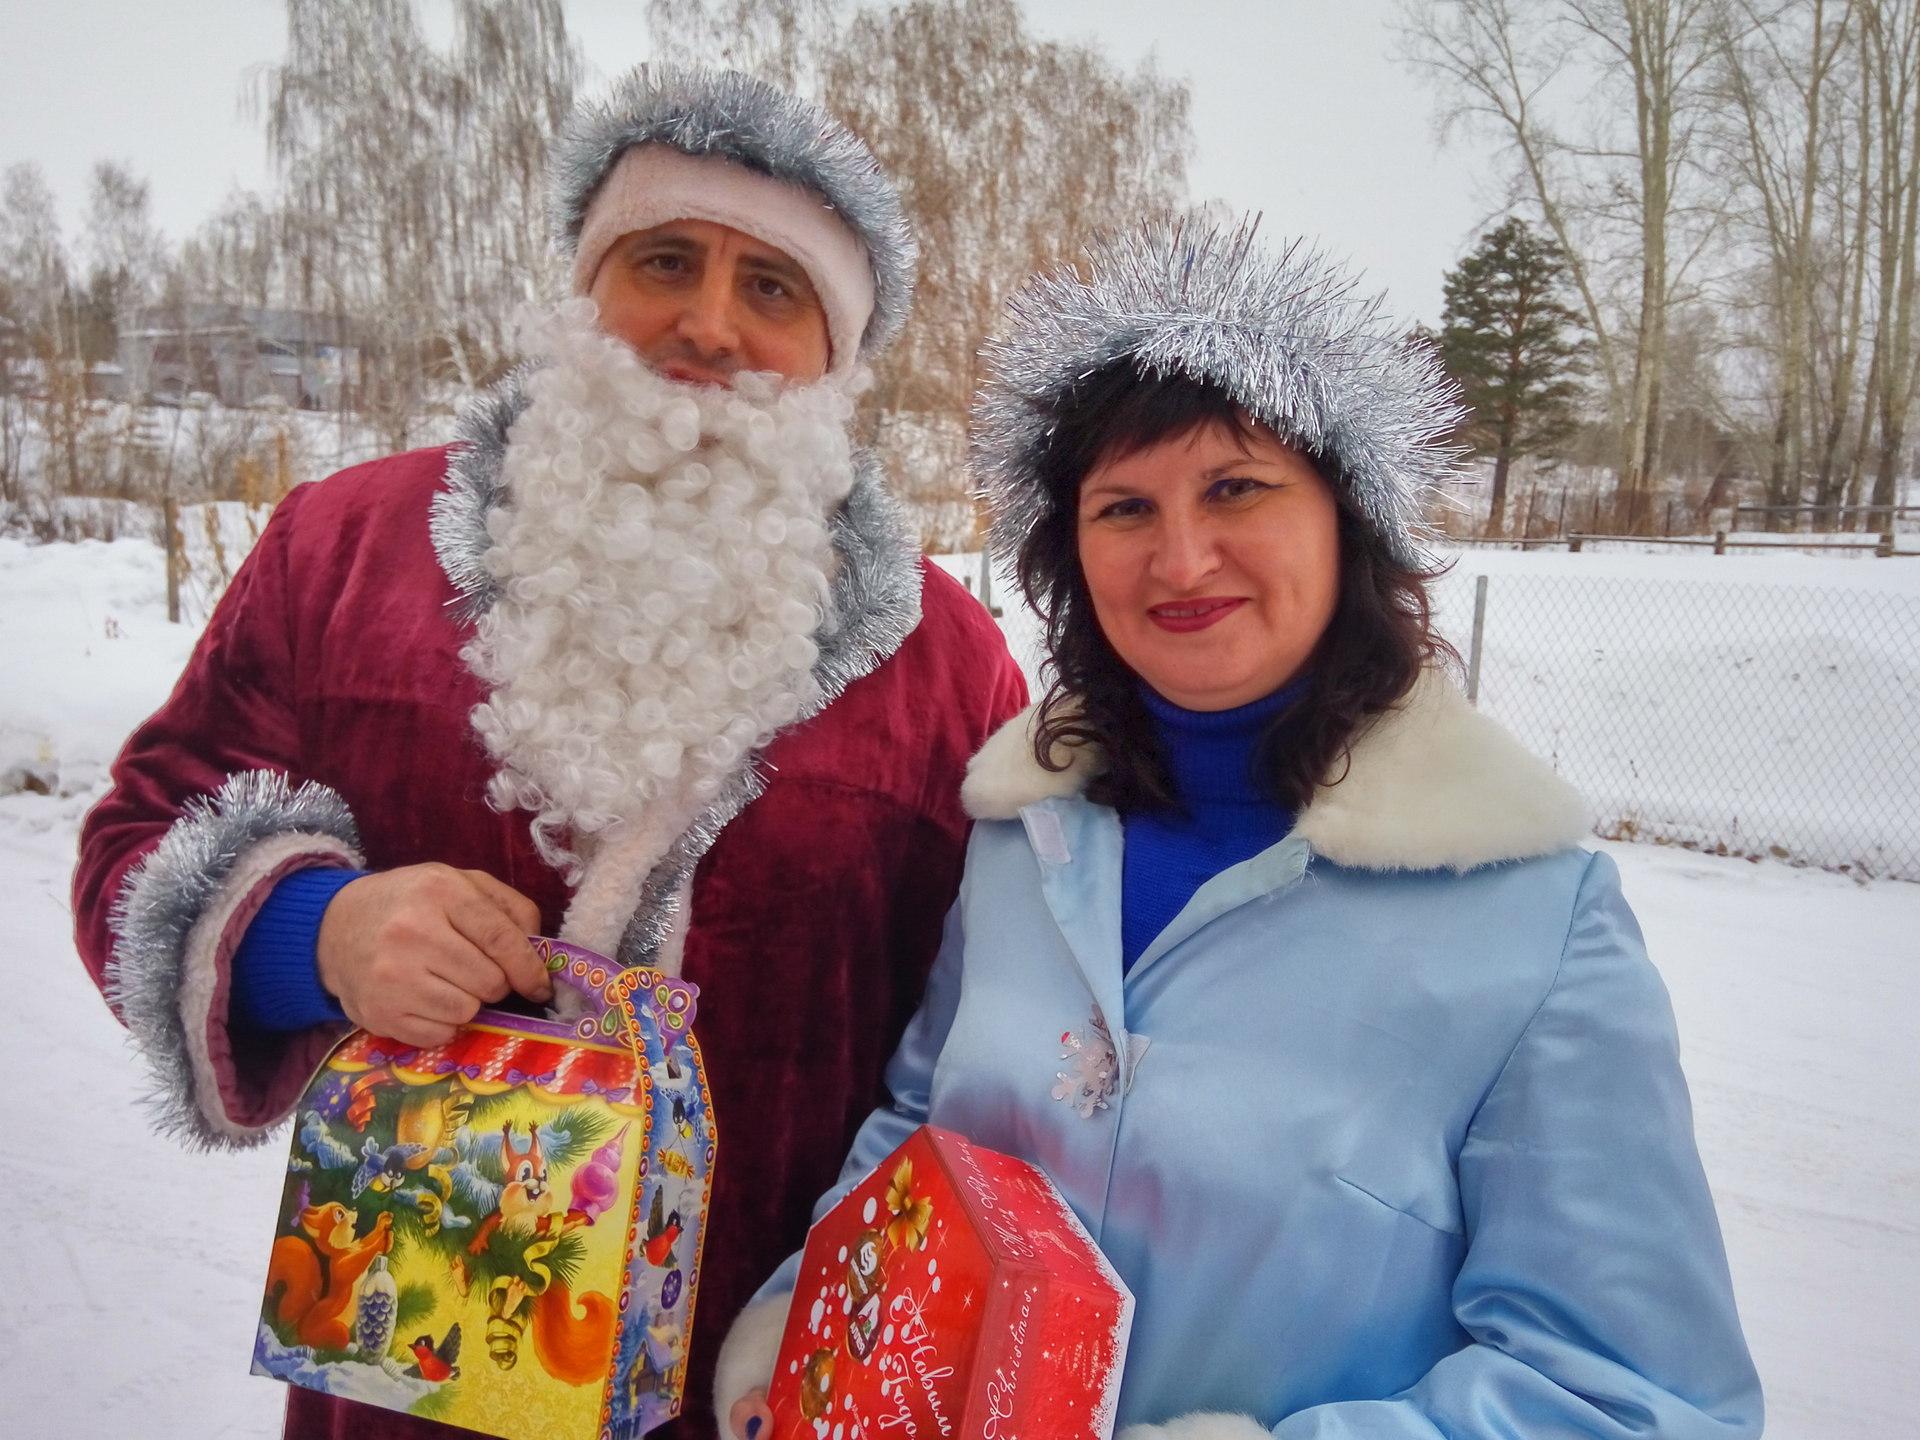 В рамках проекта «Домашний хоспис» завершается подготовка акции «Новогодний подарок Железногорского хосписа» для тяжелобольных железногорцев